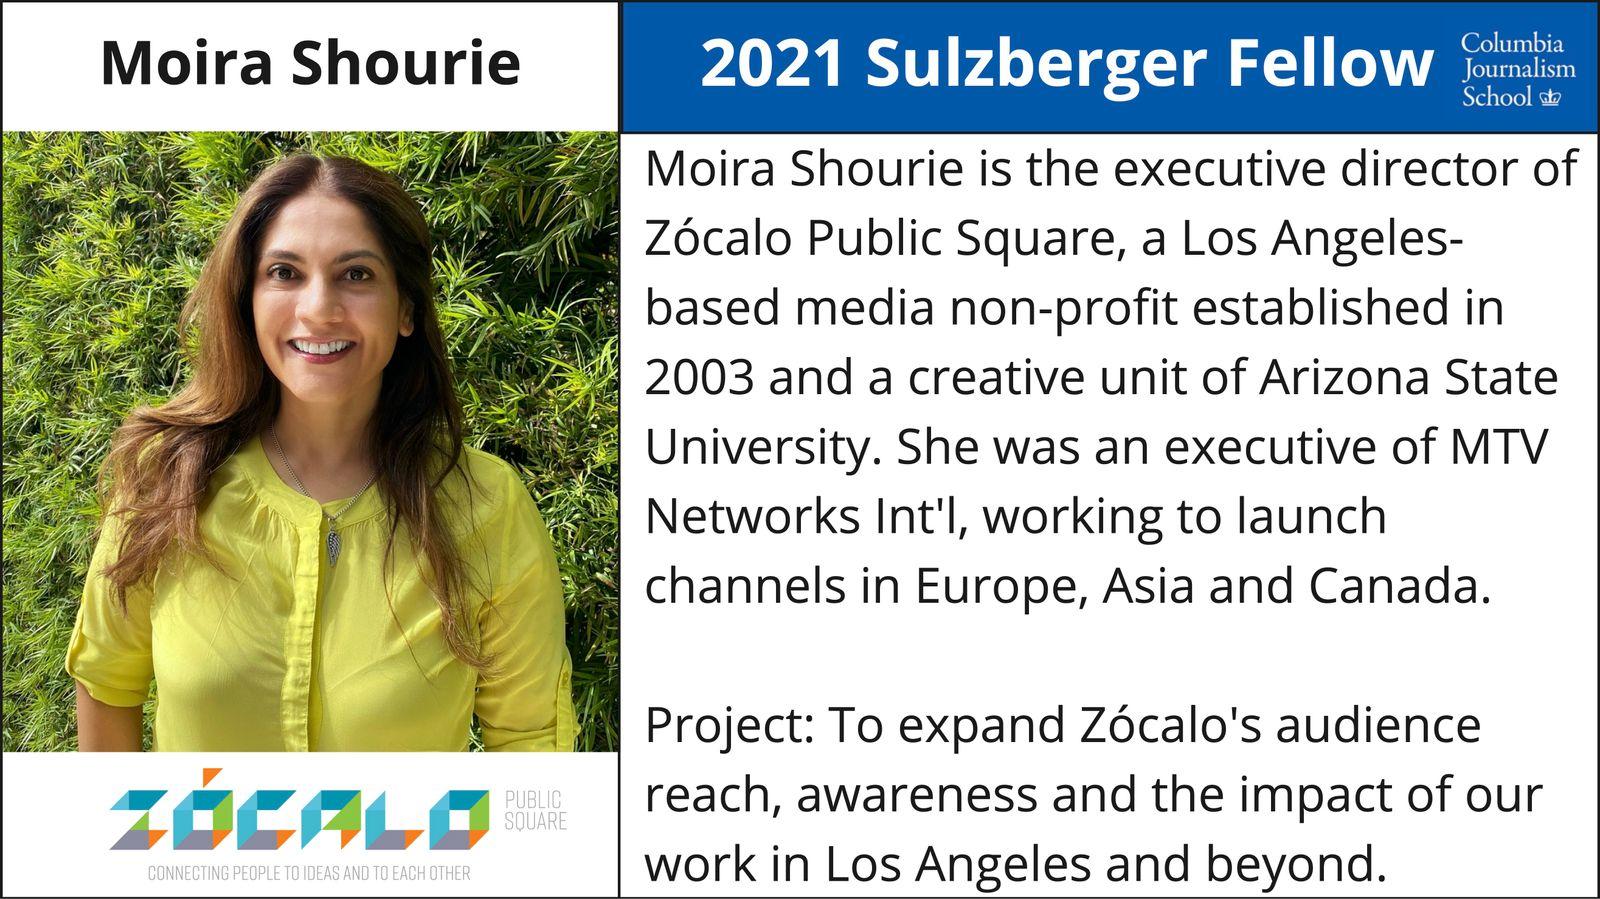 Moira Shourie